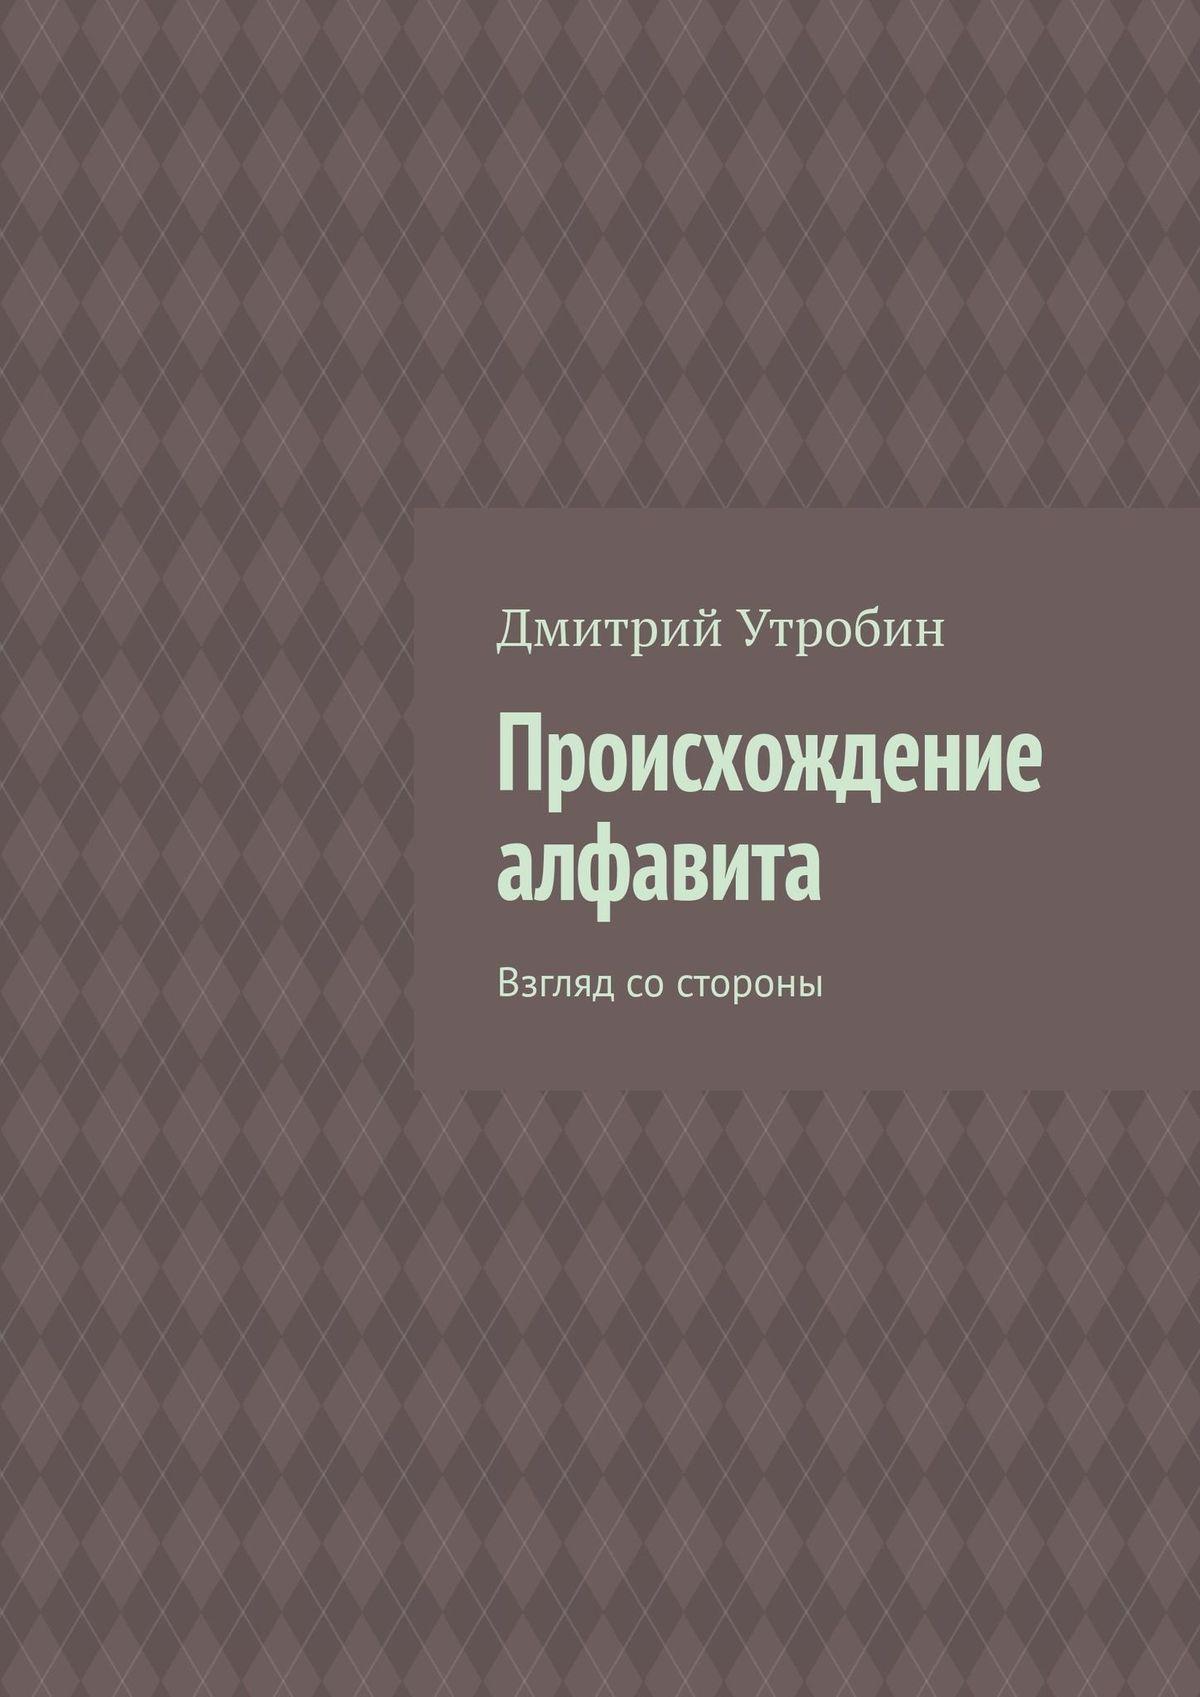 Дмитрий Утробин Происхождение алфавита. Взгляд со стороны ольга шатохина впереди паровоза